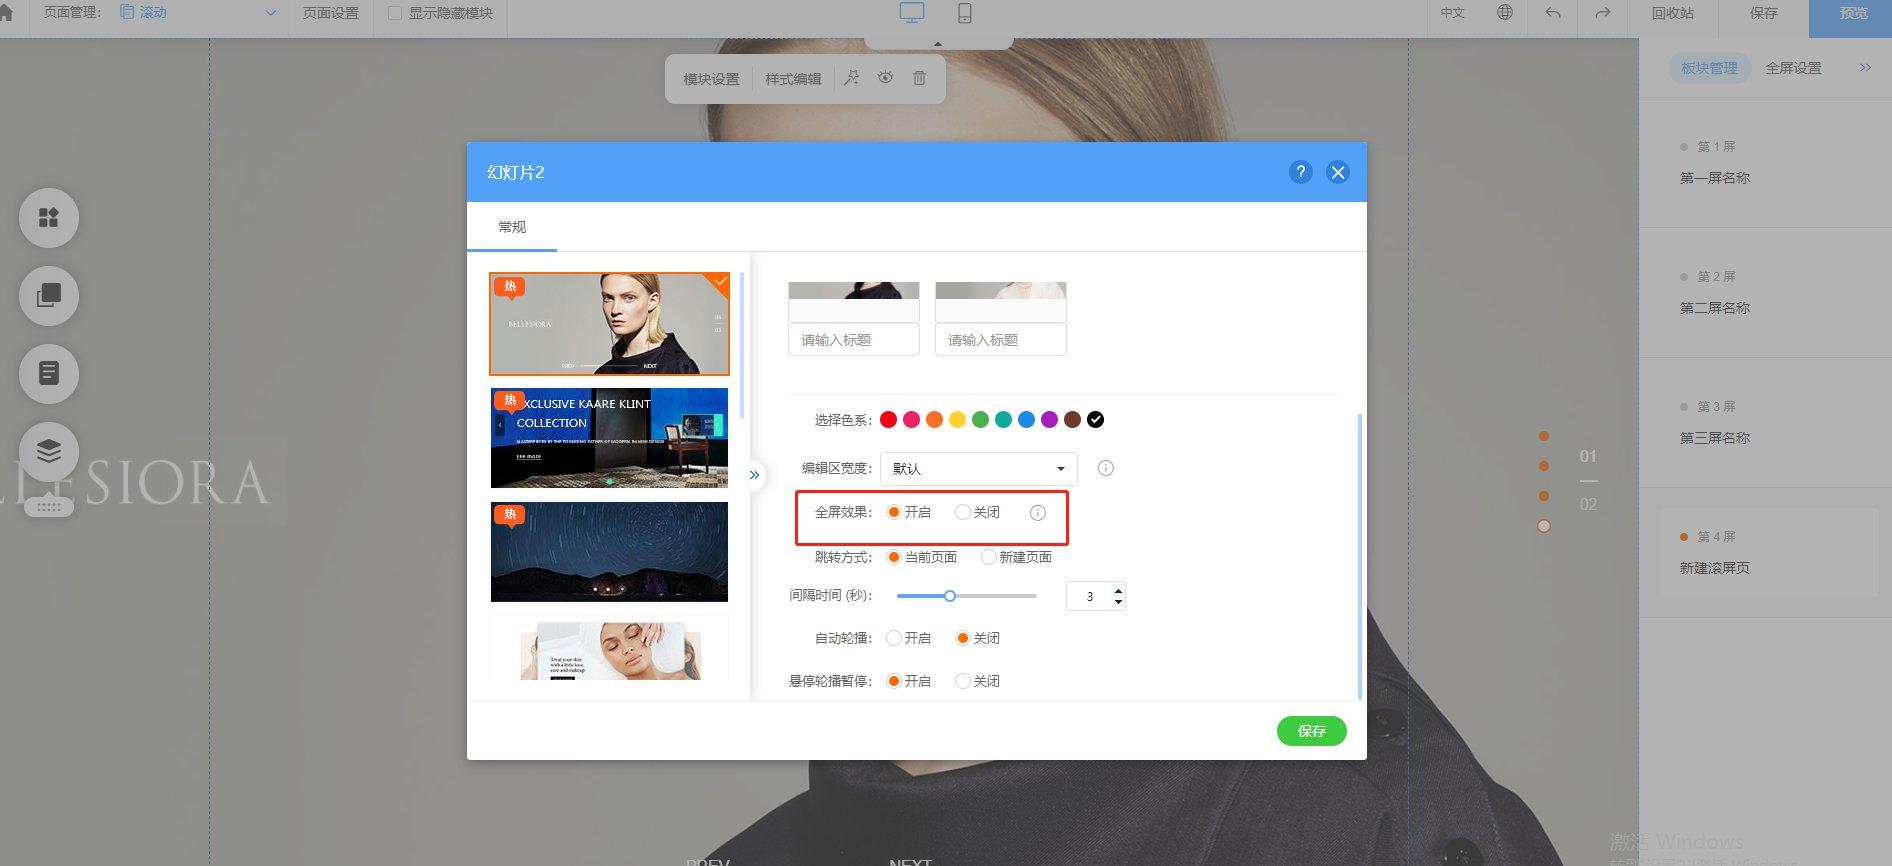 网站更新:幻灯片新增全屏效果及导航新增下拉图标显示